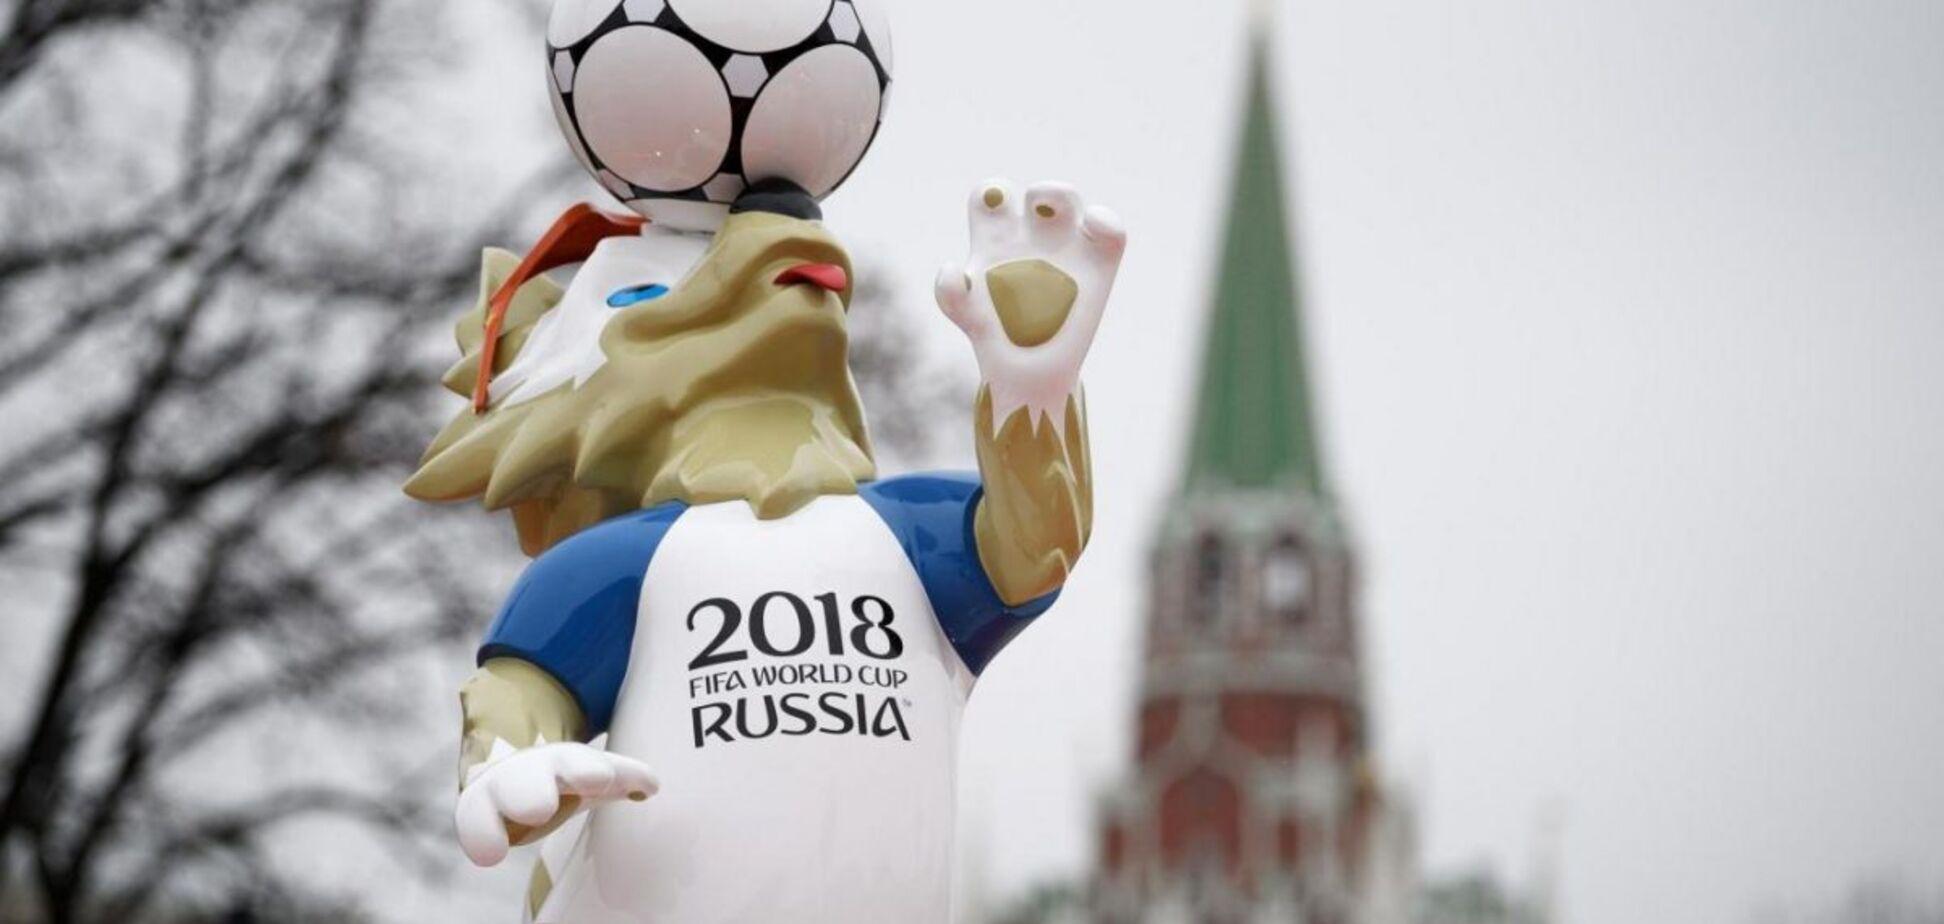 Смертельные стадионы: над ЧМ-2018 в России нависла серьезная угроза - СМИ